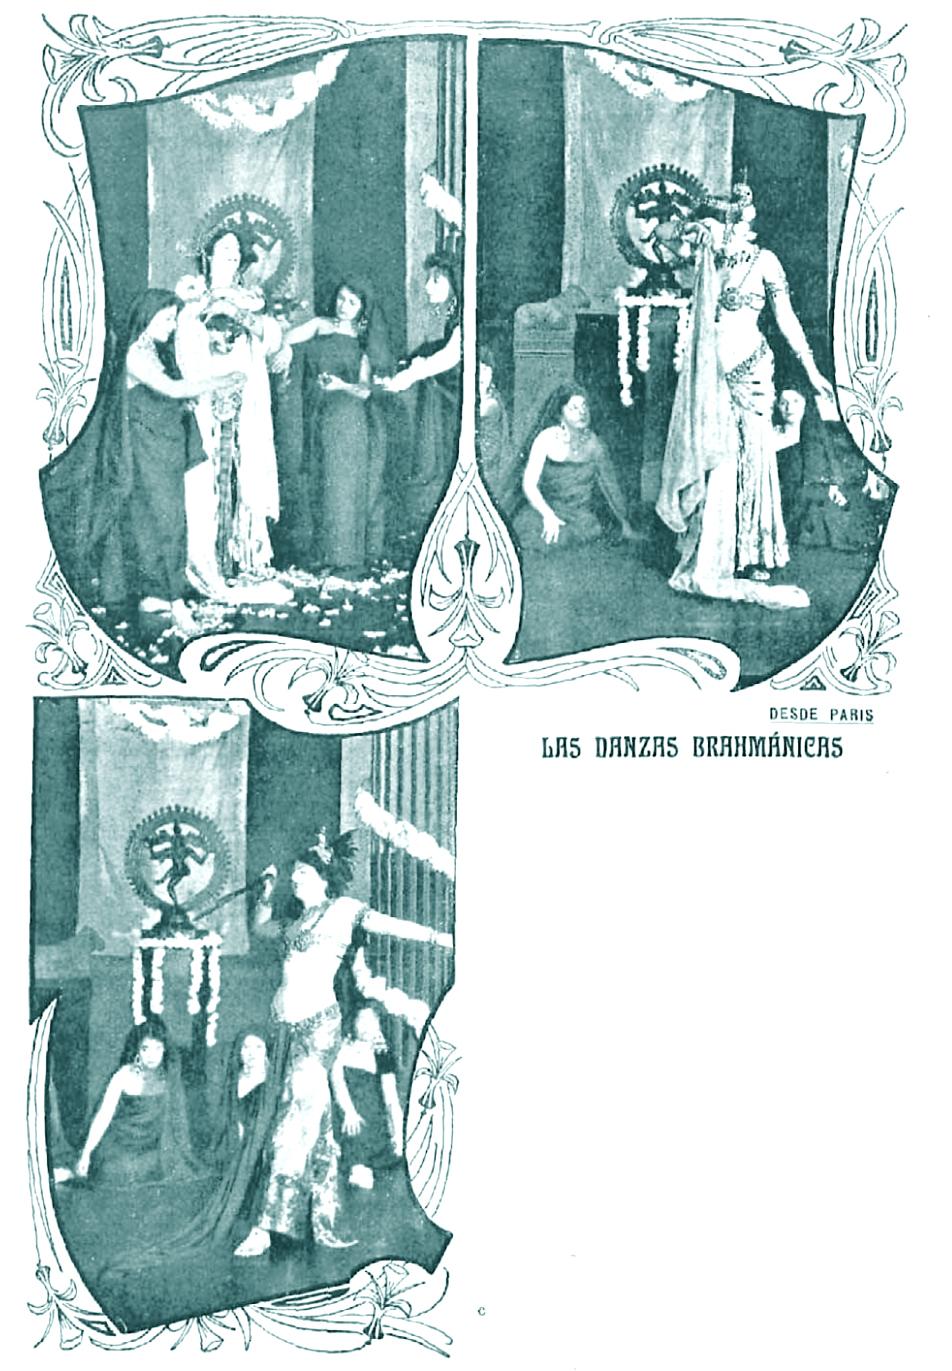 Mata-Hari en  Vida Galante  (14 de marzo de 1905), antes de su llegada a España